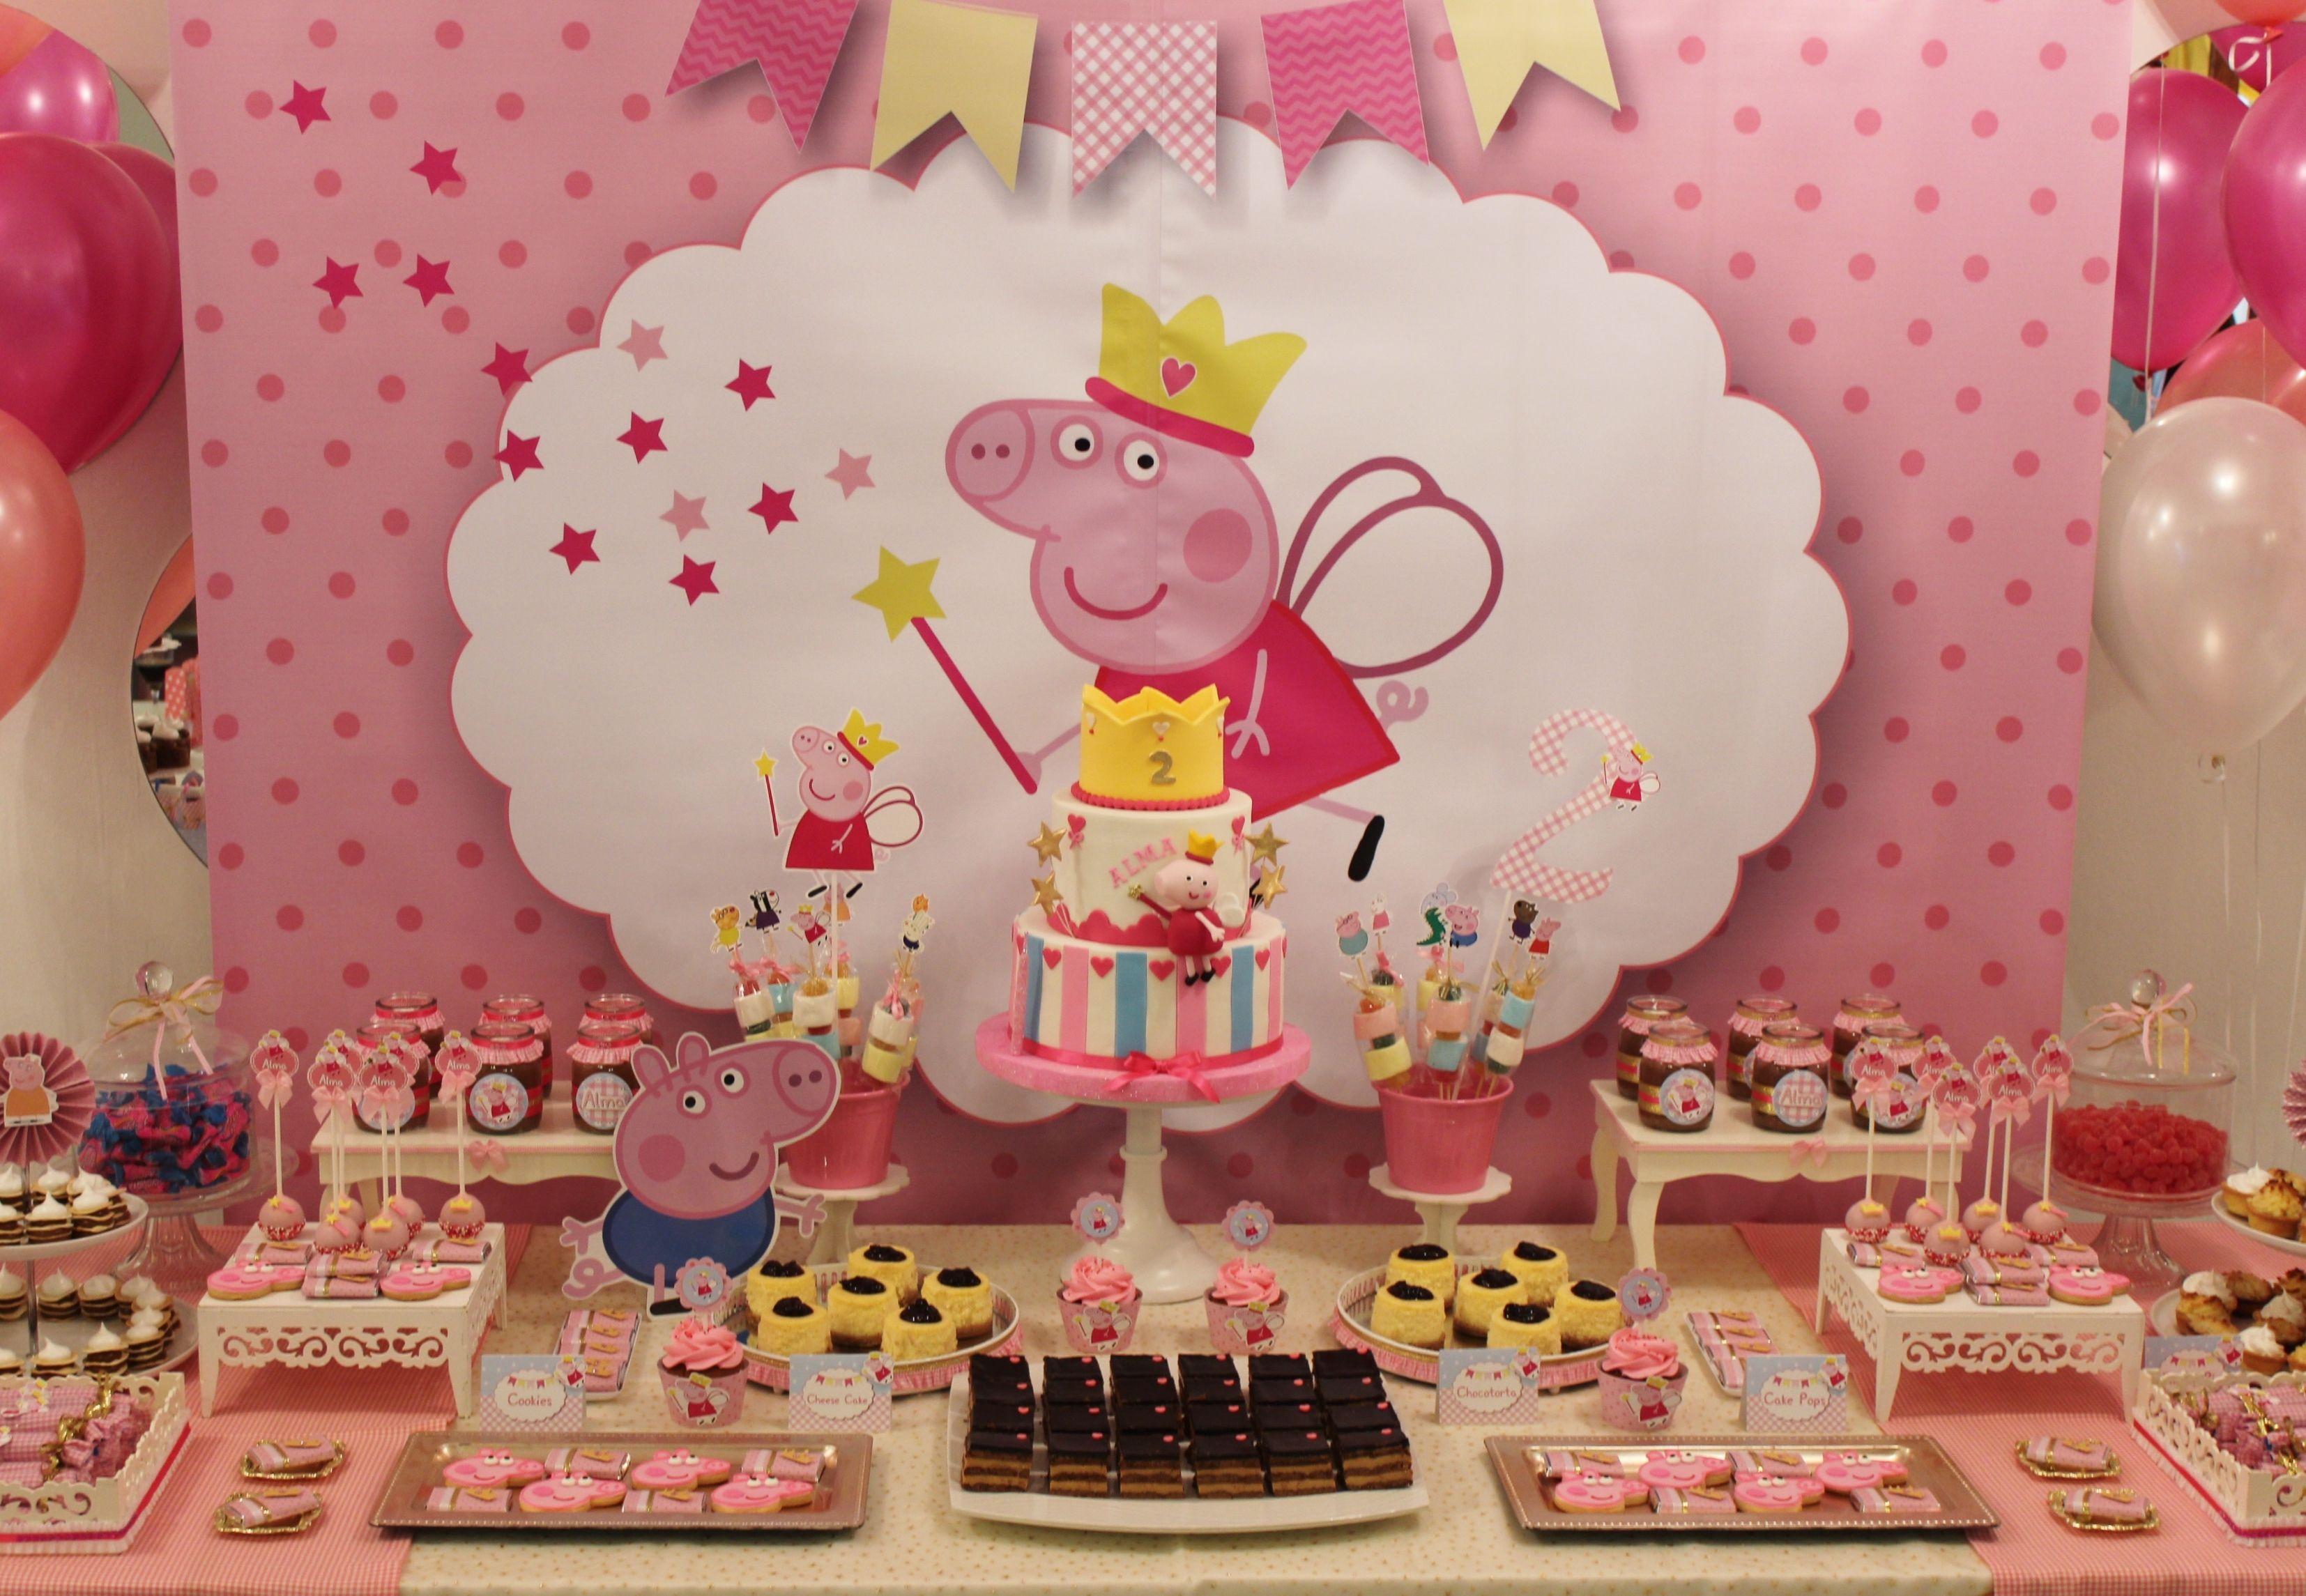 моей игры день рождения в стиле свинка пеппа фото ароматного